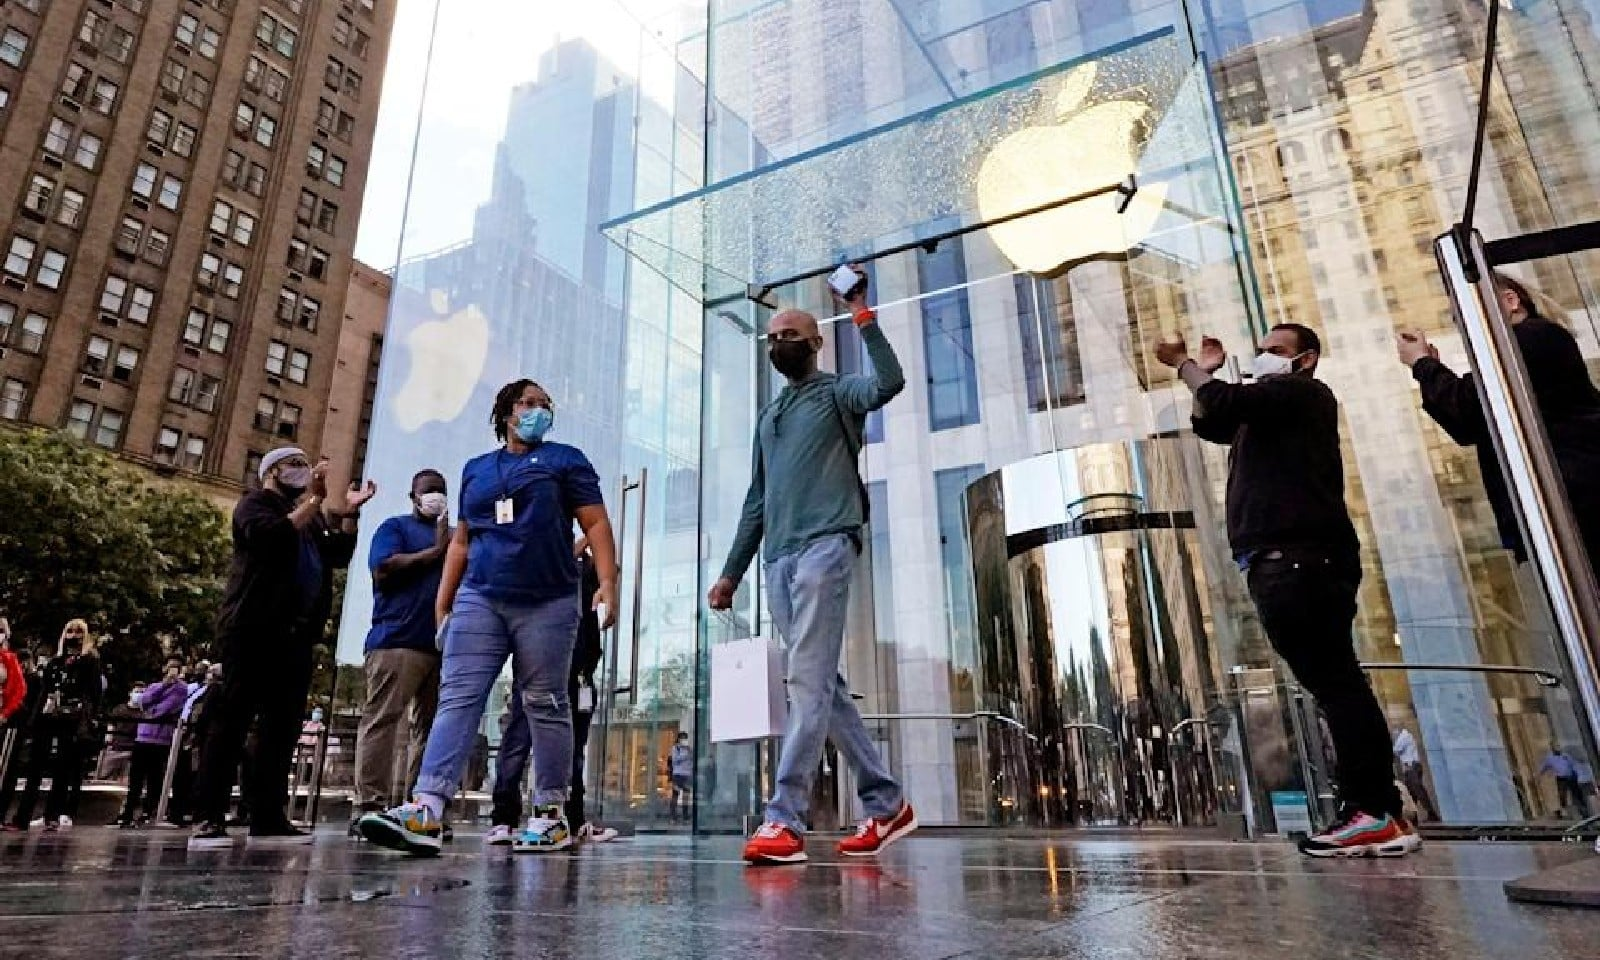 نیویارک میں سب سے پہلے آئی فون خریدنے والا صارف، اے پی فوٹو